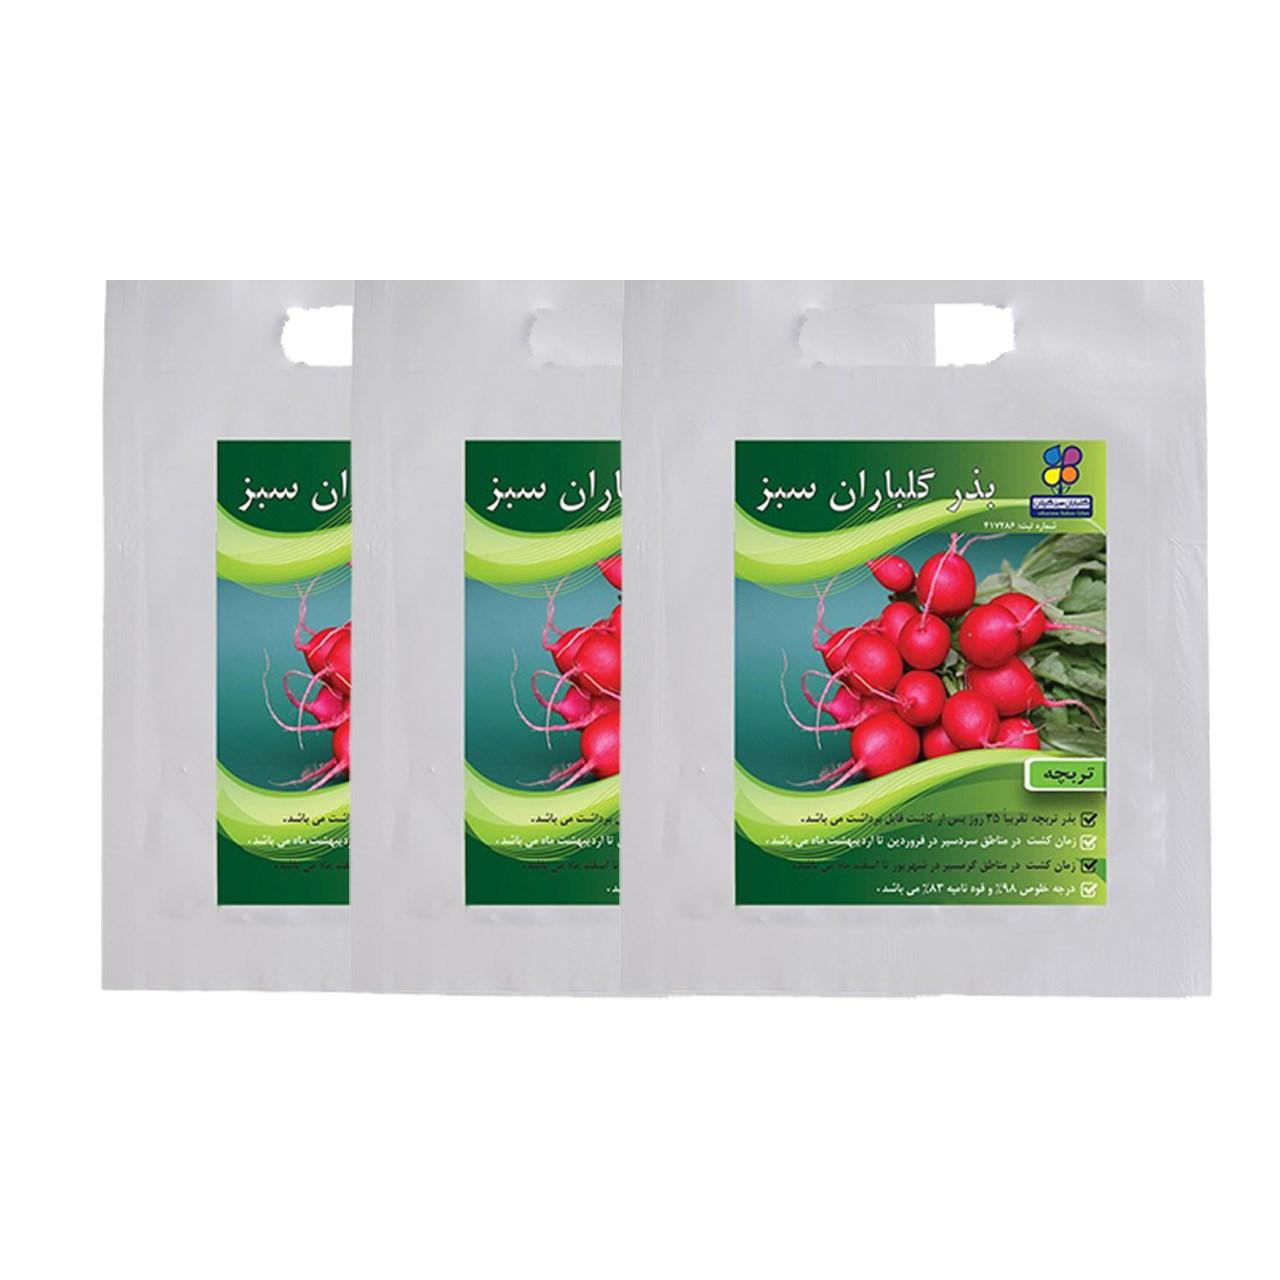 مجموعه بذر تربچه گلباران سبز بسته 3 عددی